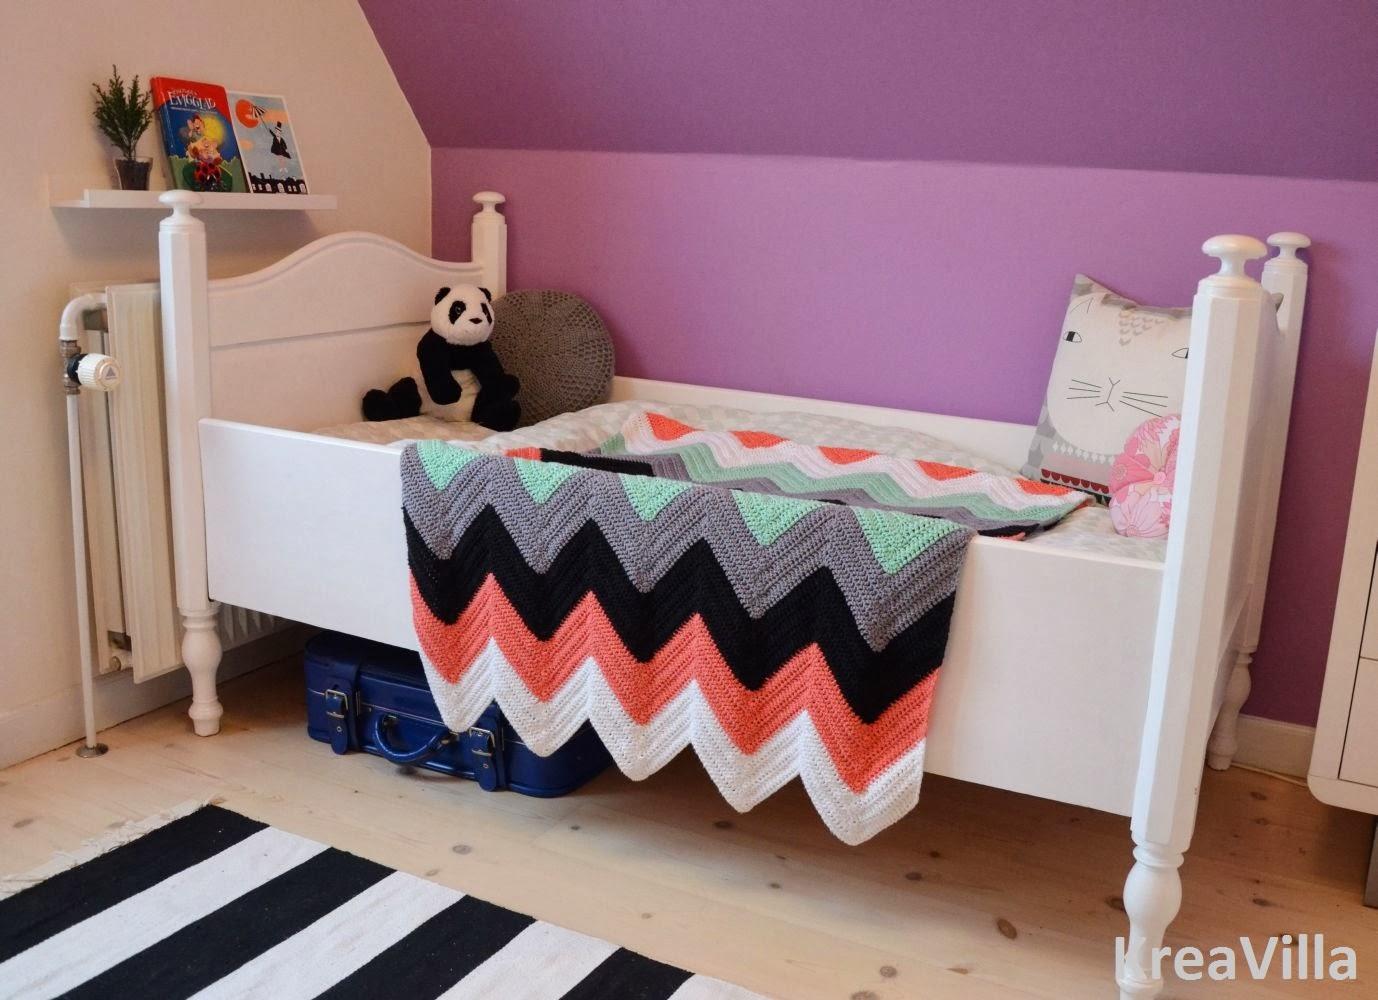 Zigzagtæppe på børneværelset | KreaVilla